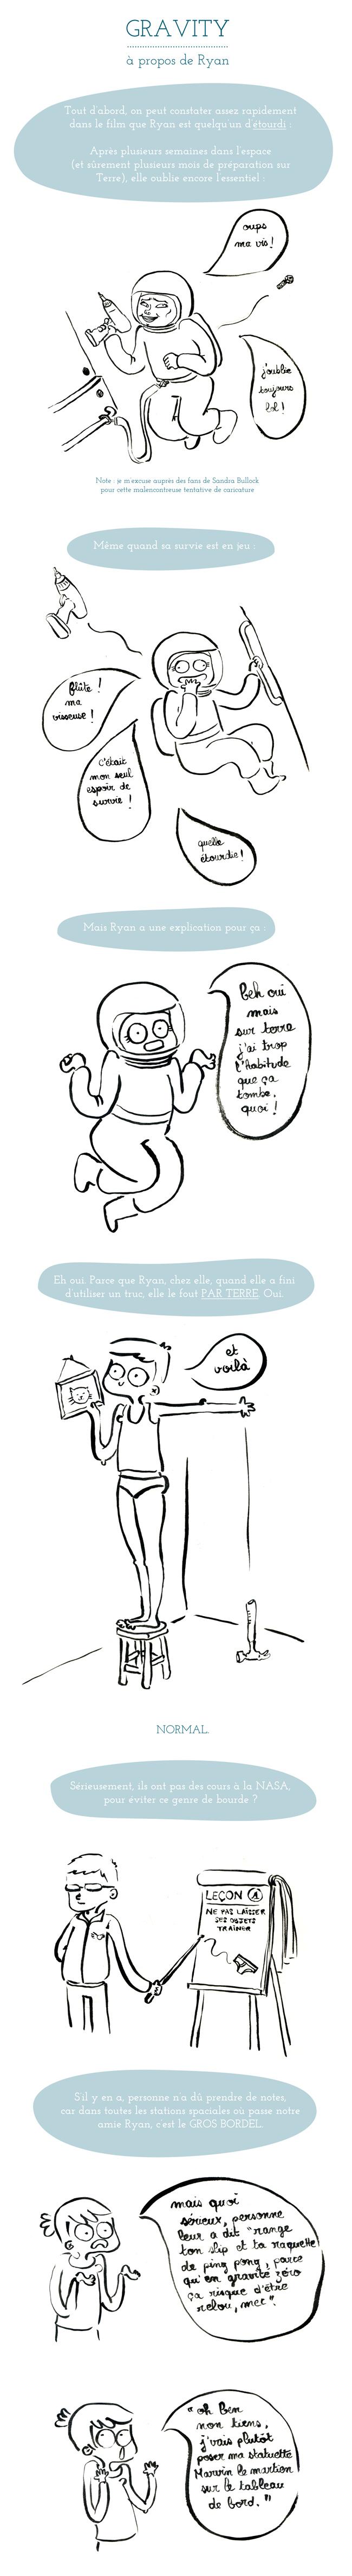 Gravity - A propos de Ryan - étourdie